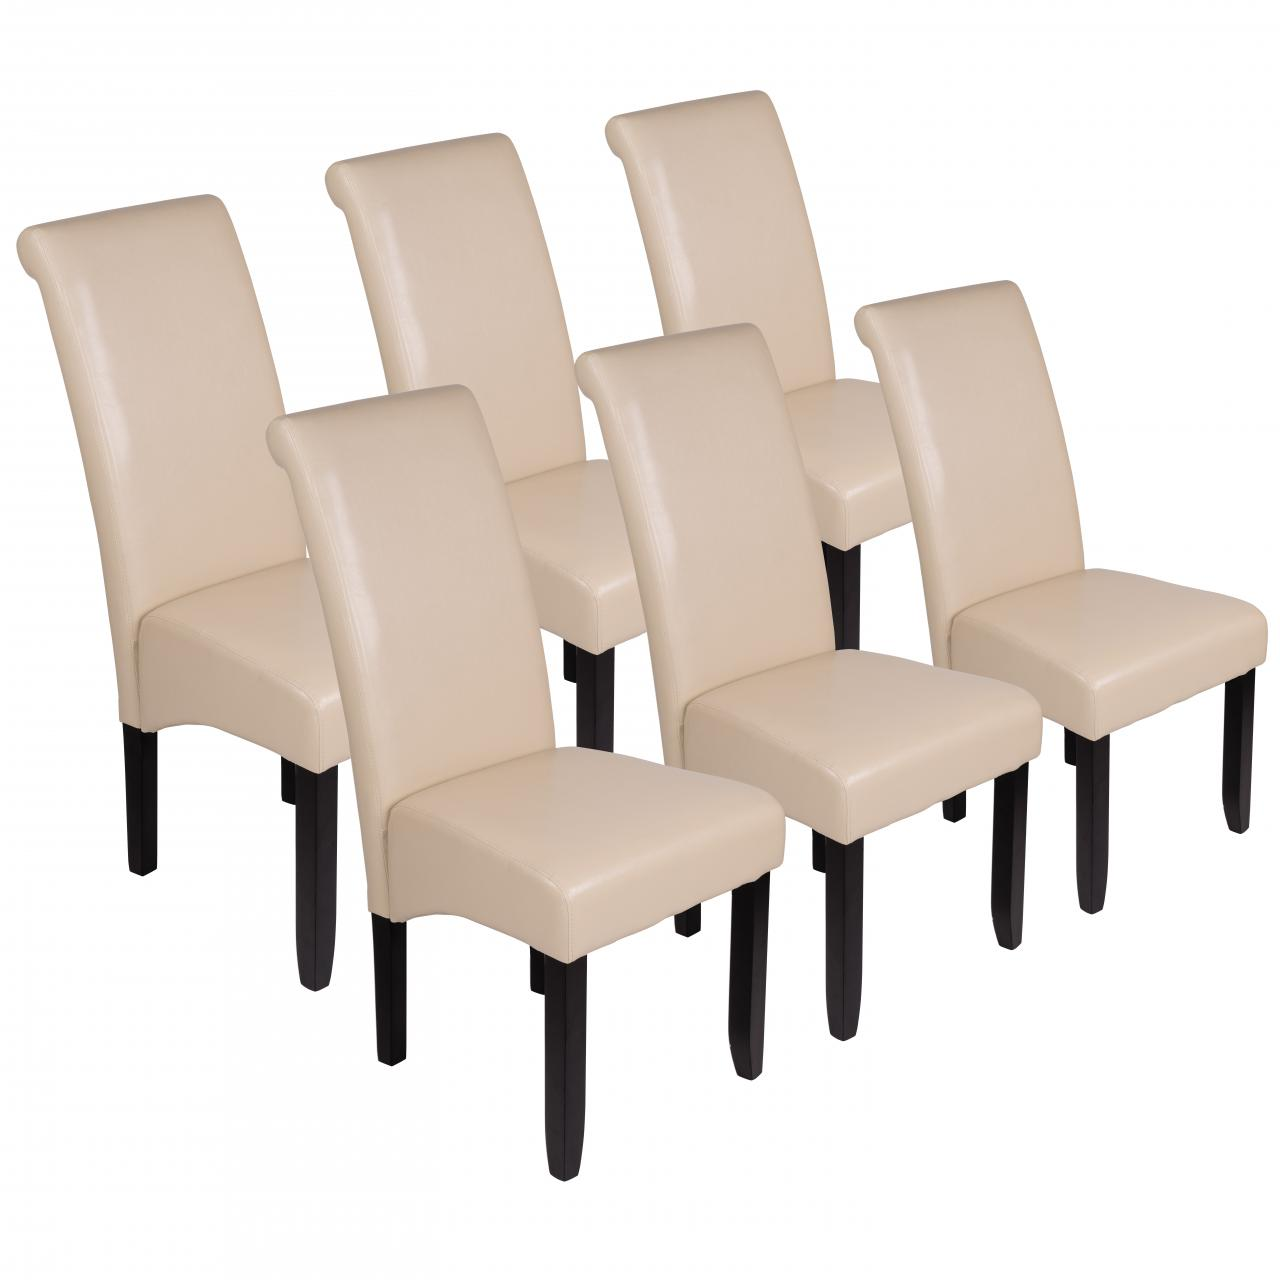 Beige Stühle esszimmerstühle stühle küchenstühle polsterstühle stuhlgruppe gastro